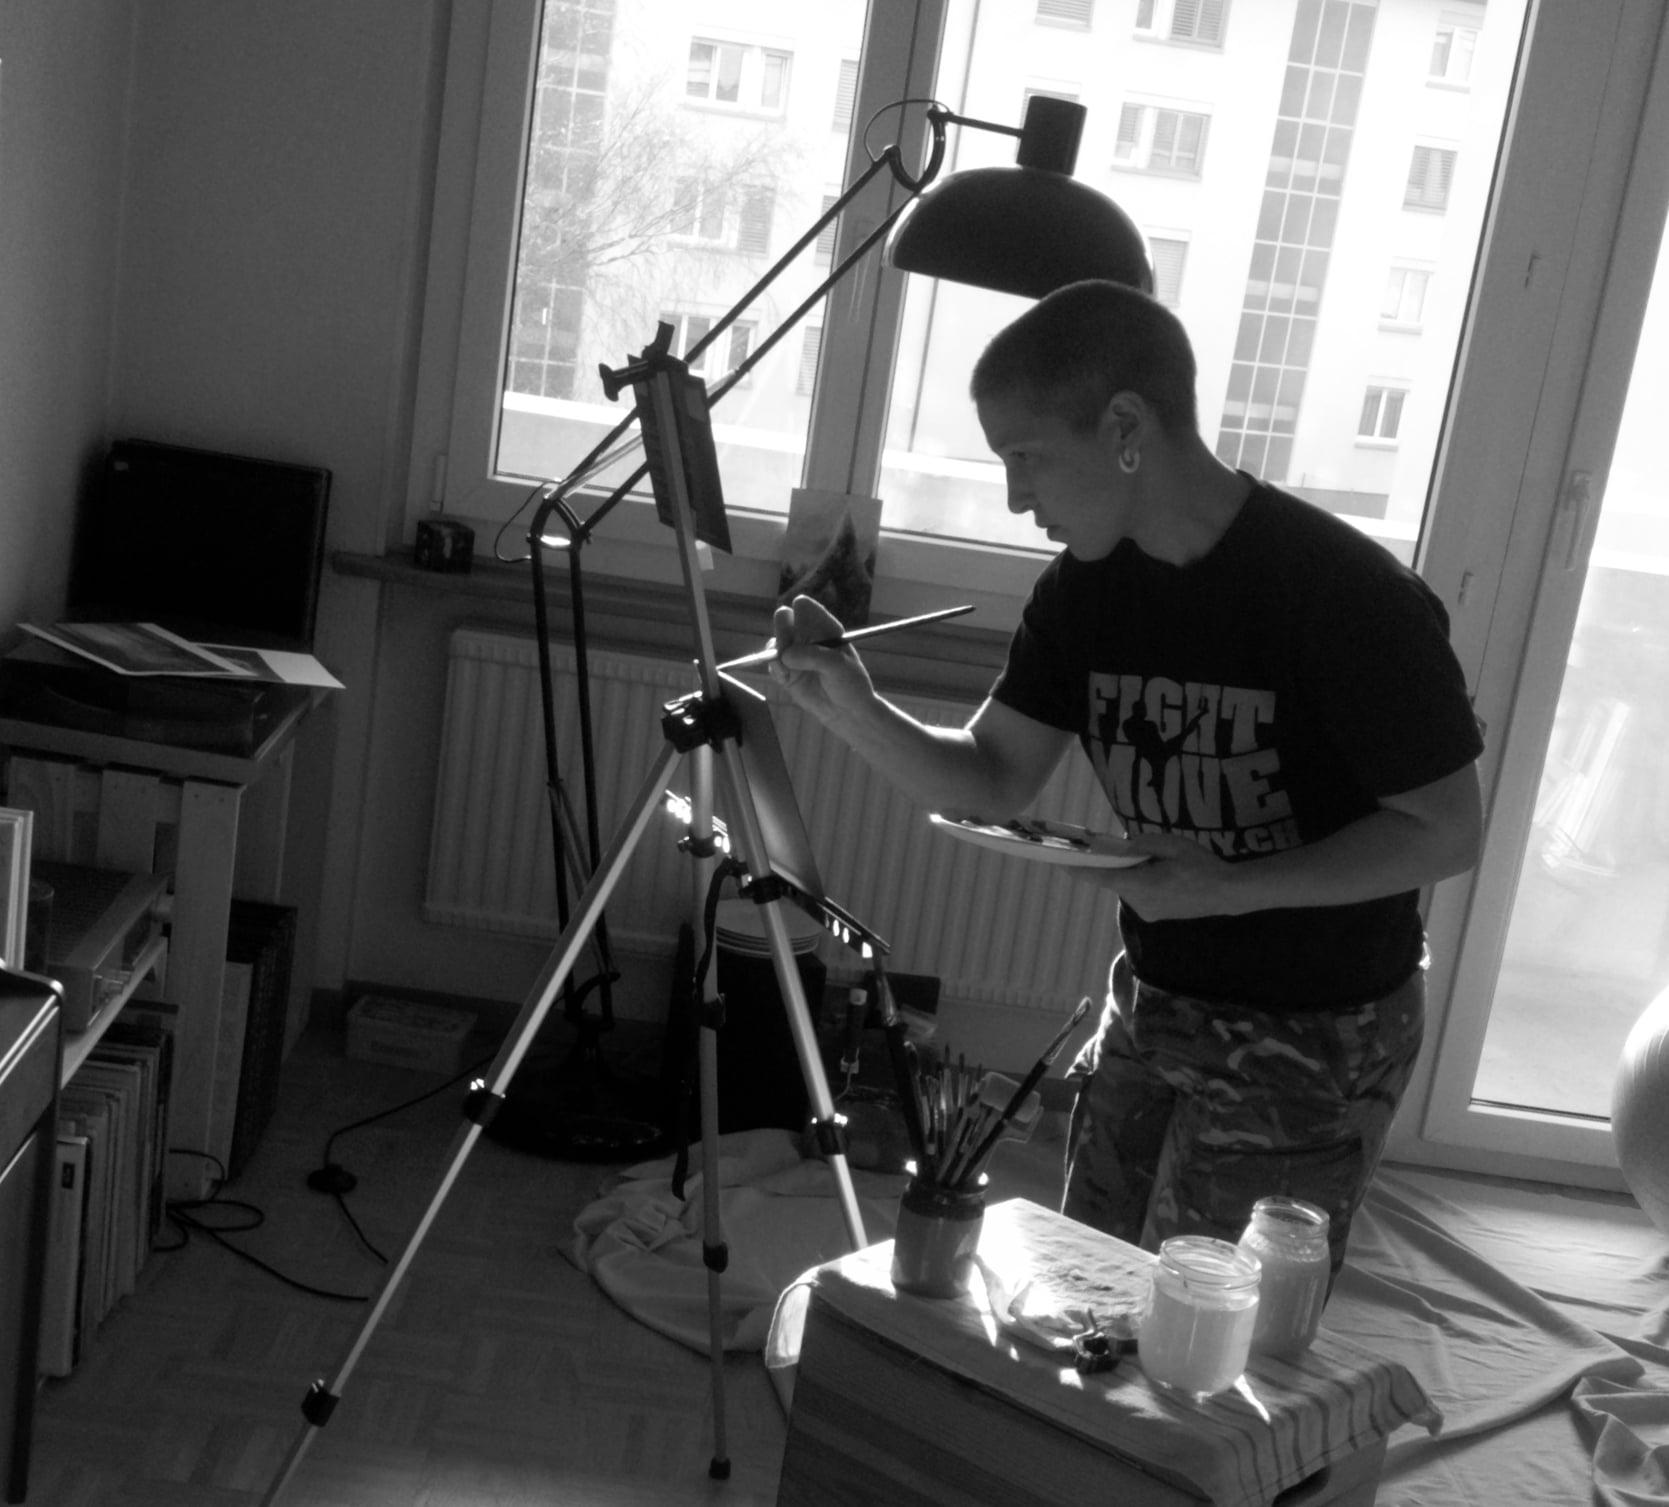 Victoria in her studio in Switzerland, January 2016